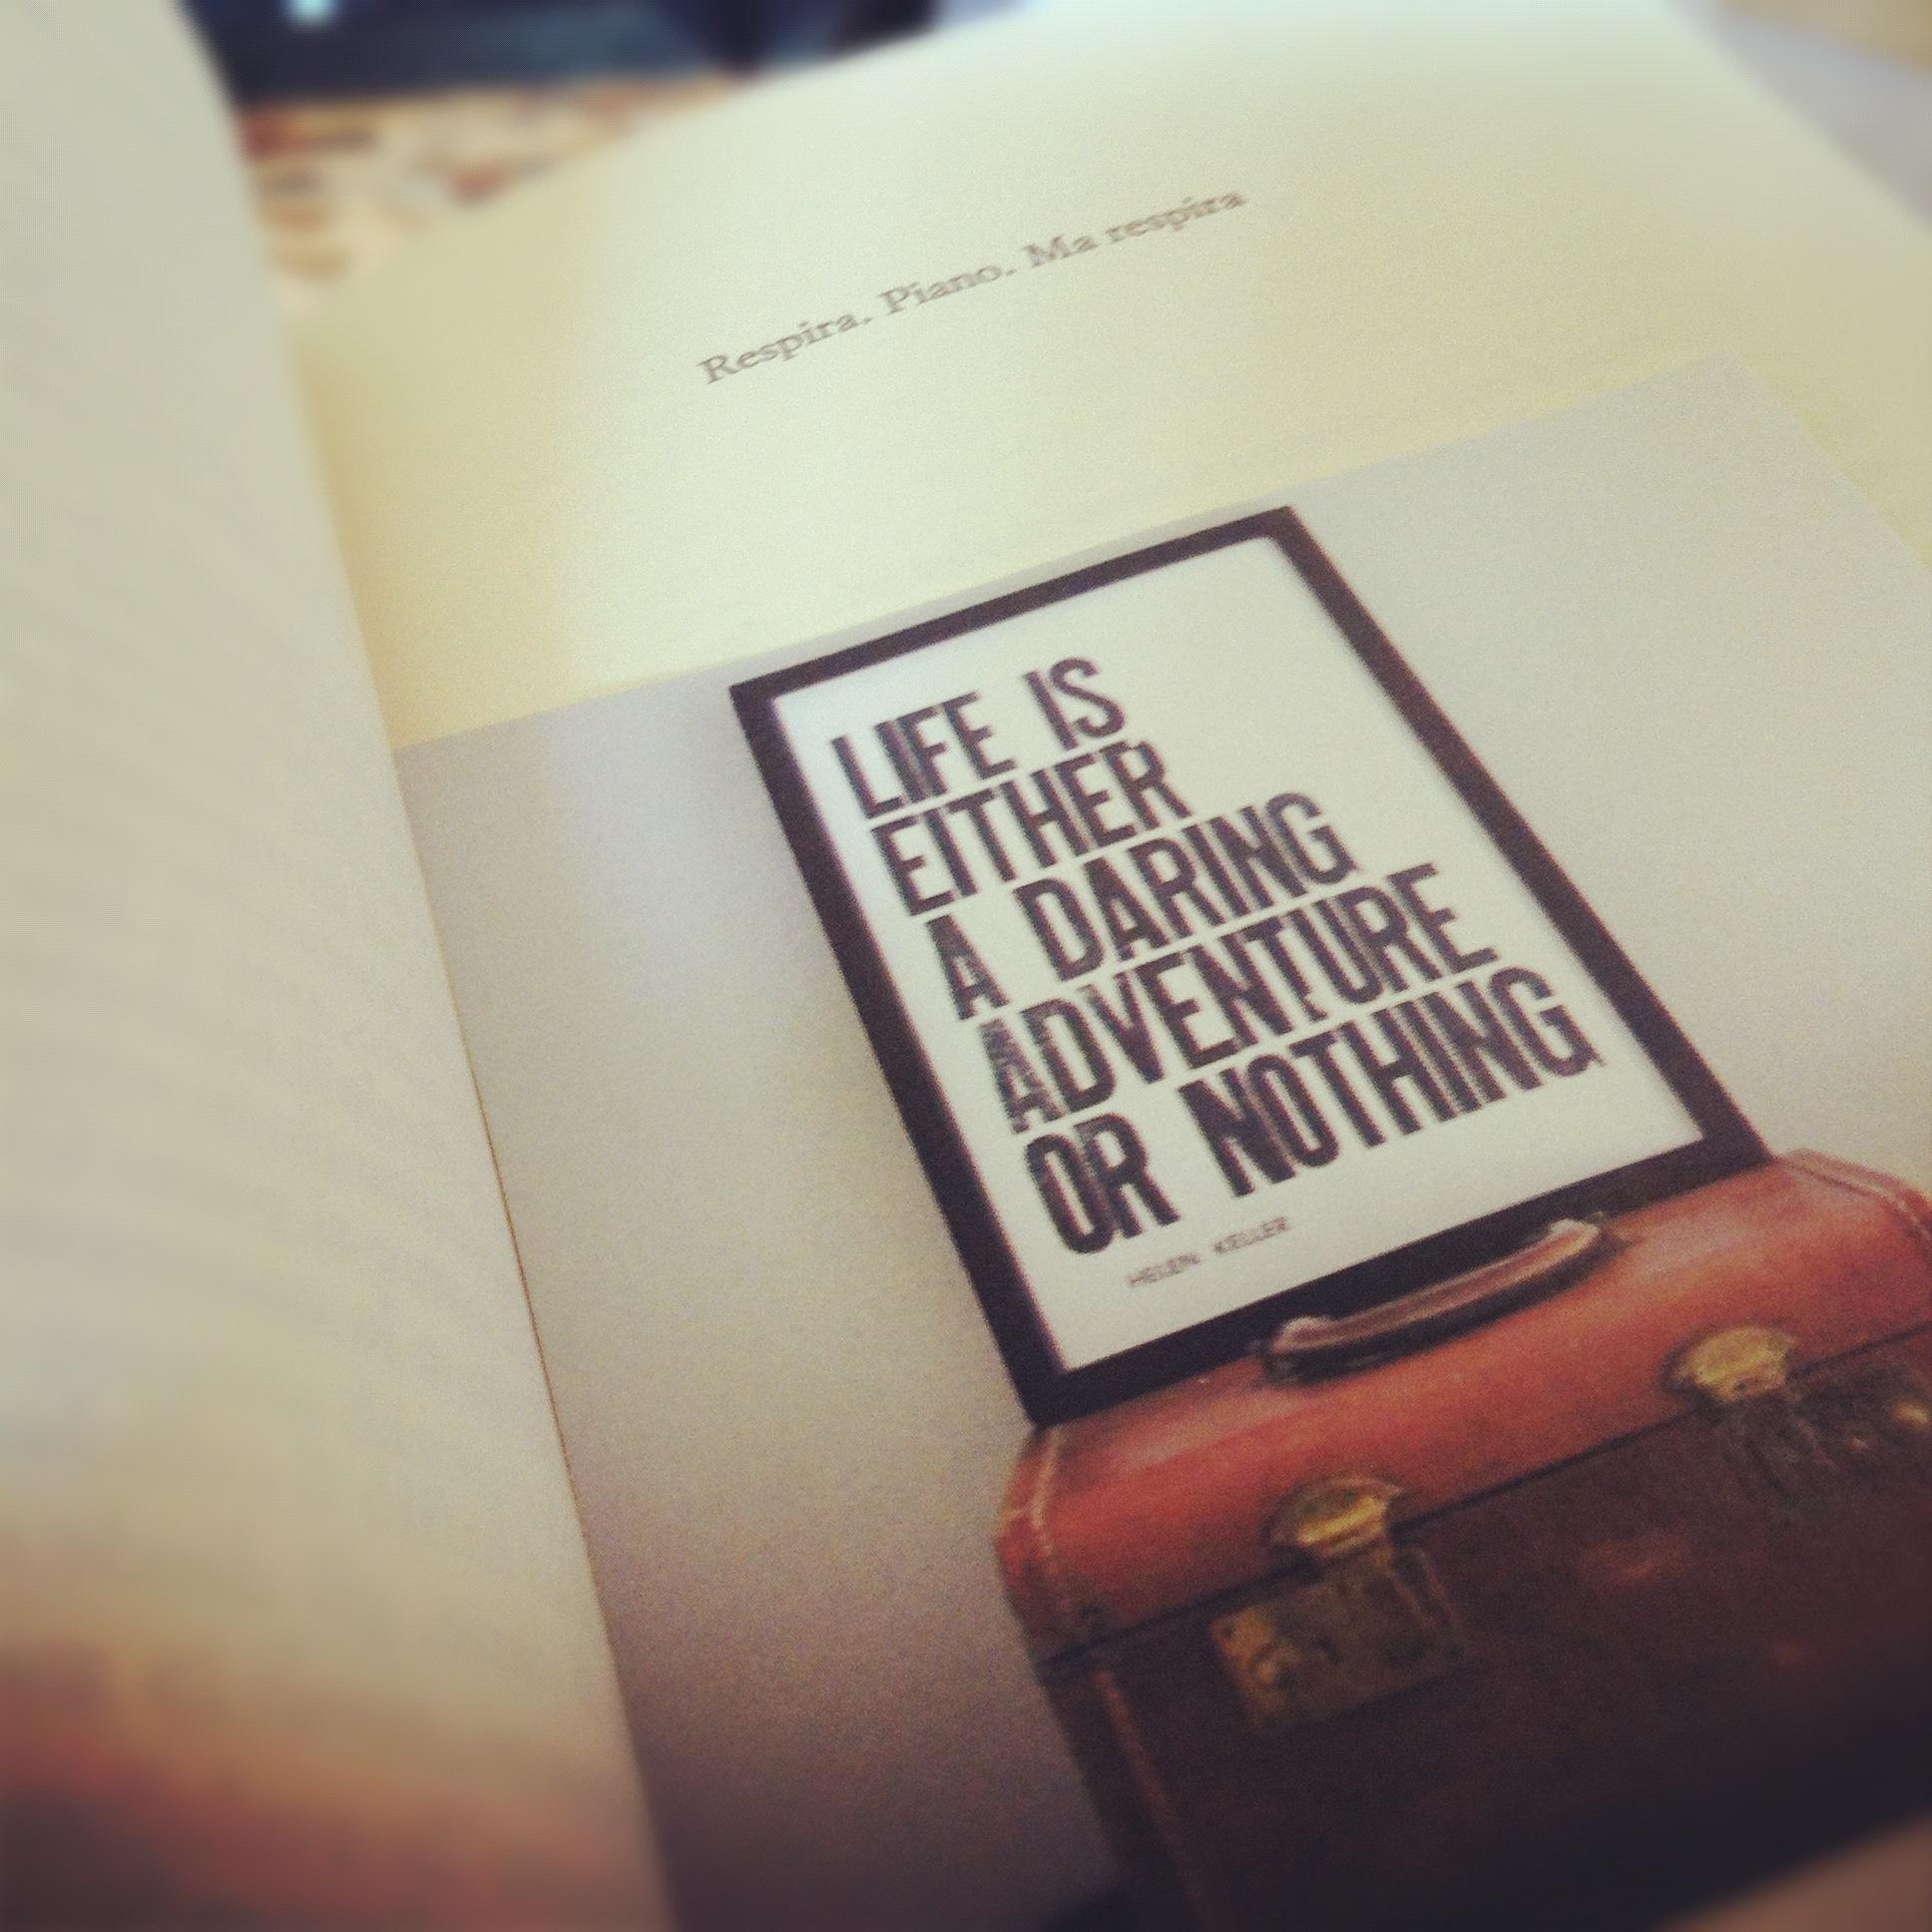 Life is either a daring adventure or nothing - valigia - segnalibro - il momento è delicato niccolò ammaniti